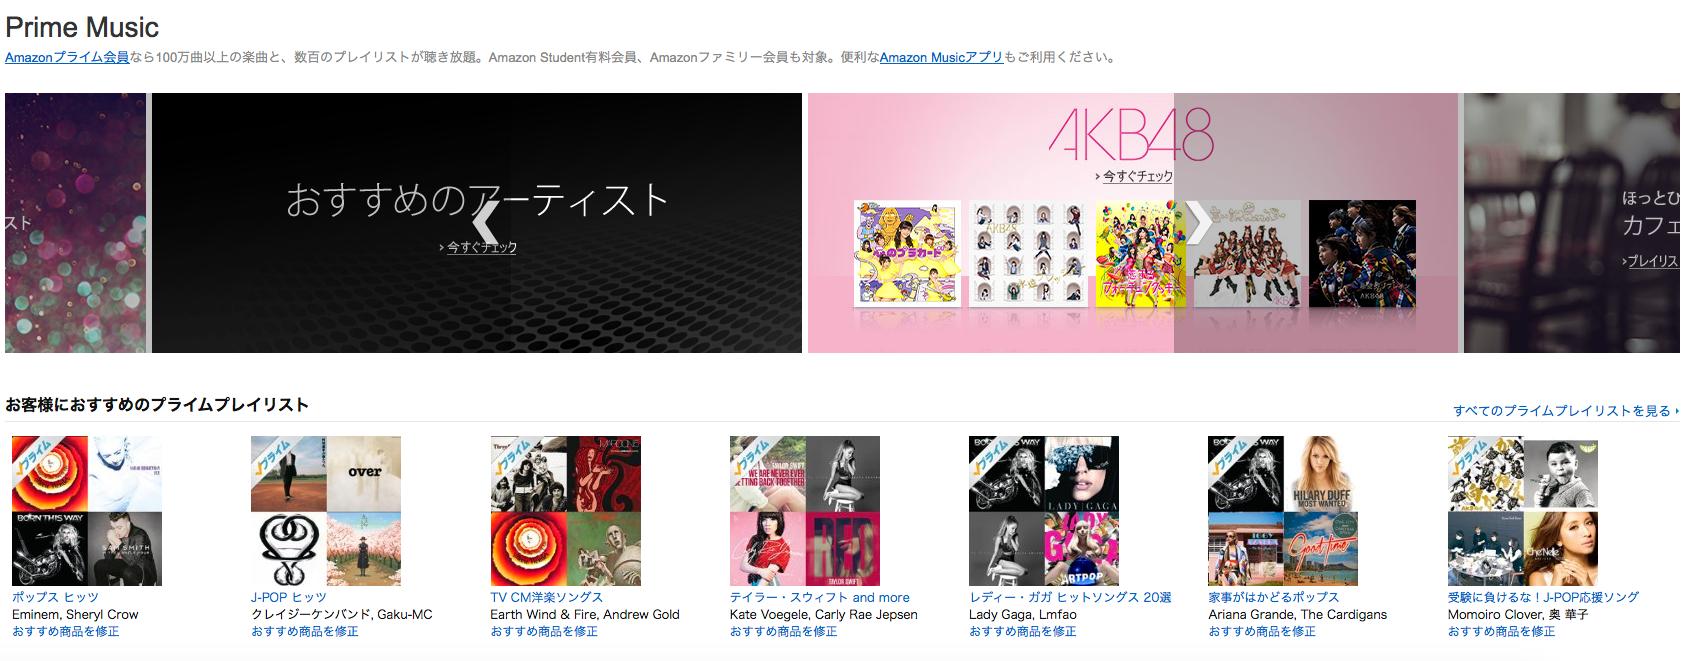 【オマケ?】Amazon「Prime Music   - …